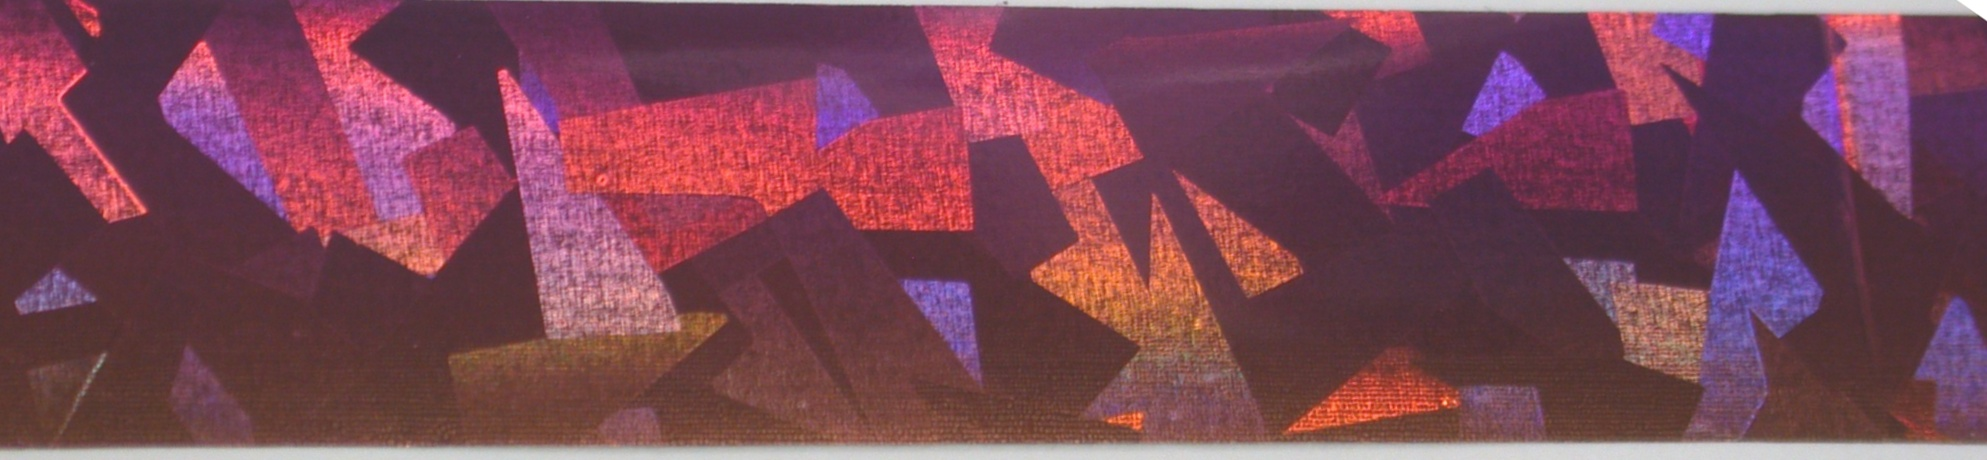 VIVI Folie na nehty střepy duha fialová,rezavá 50 cm